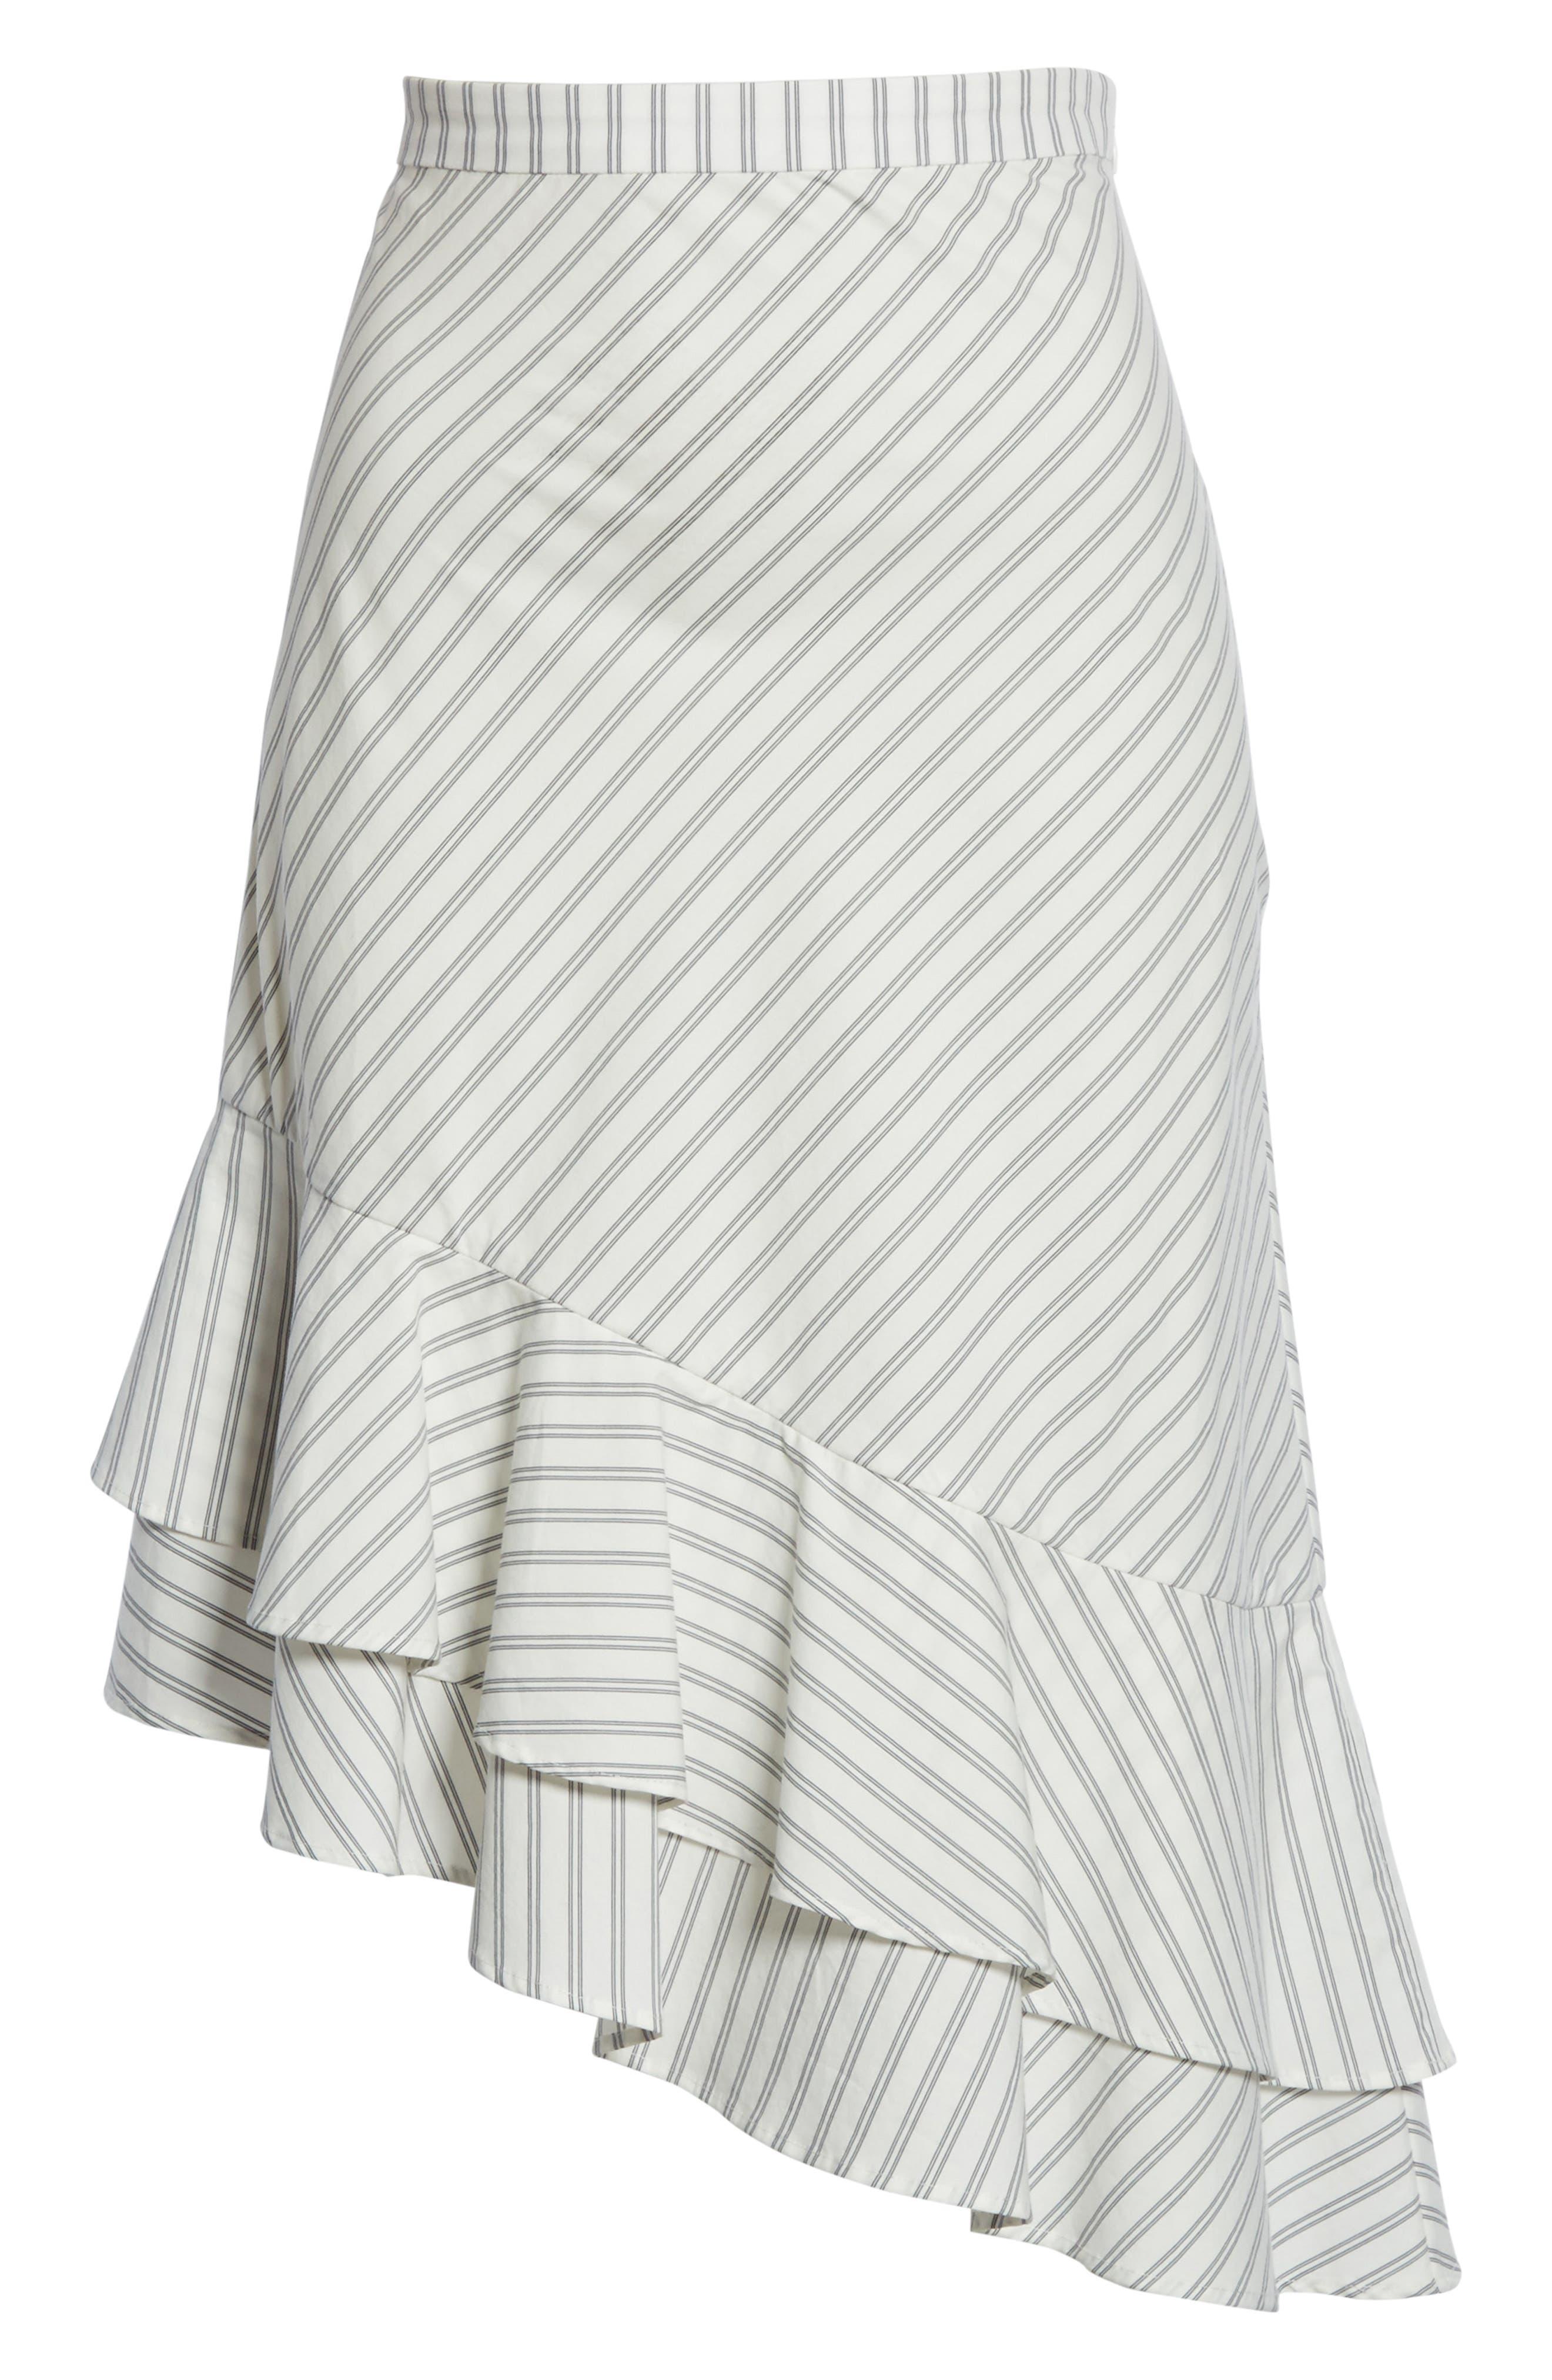 Yenene Skirt,                             Alternate thumbnail 6, color,                             120